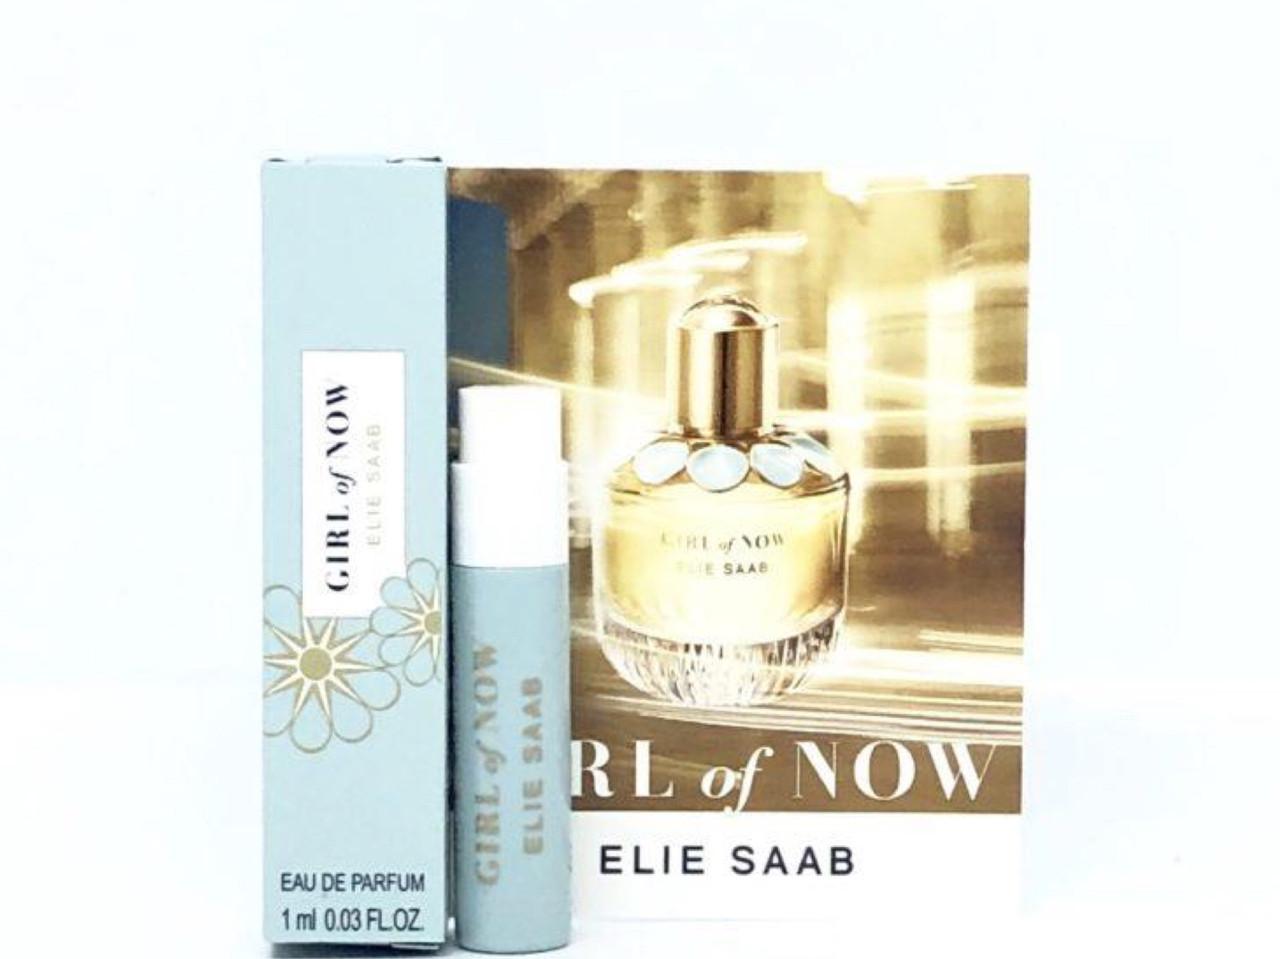 ПРОБНИК 1 мл элитная парфюмированая вода  ELIE SAAB Girl Of Now оригинал, восточный цветочный аромат